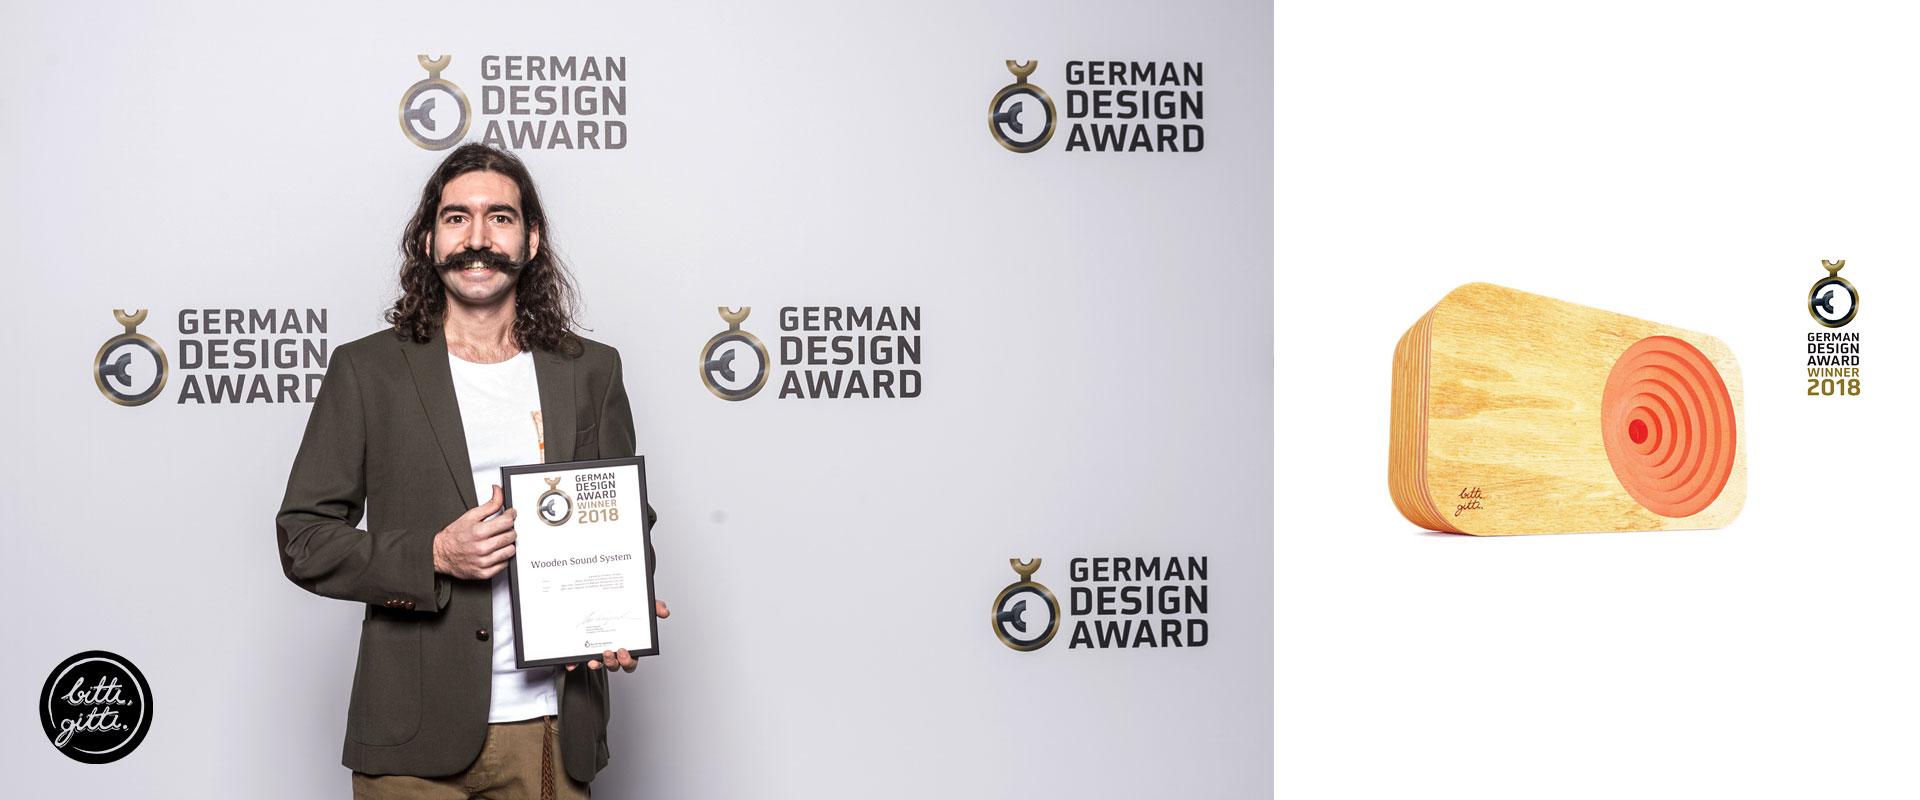 Bitti Gitti - German Design Award 2018 winner - Alman Tasarım Ödülü 2018'i kazandı